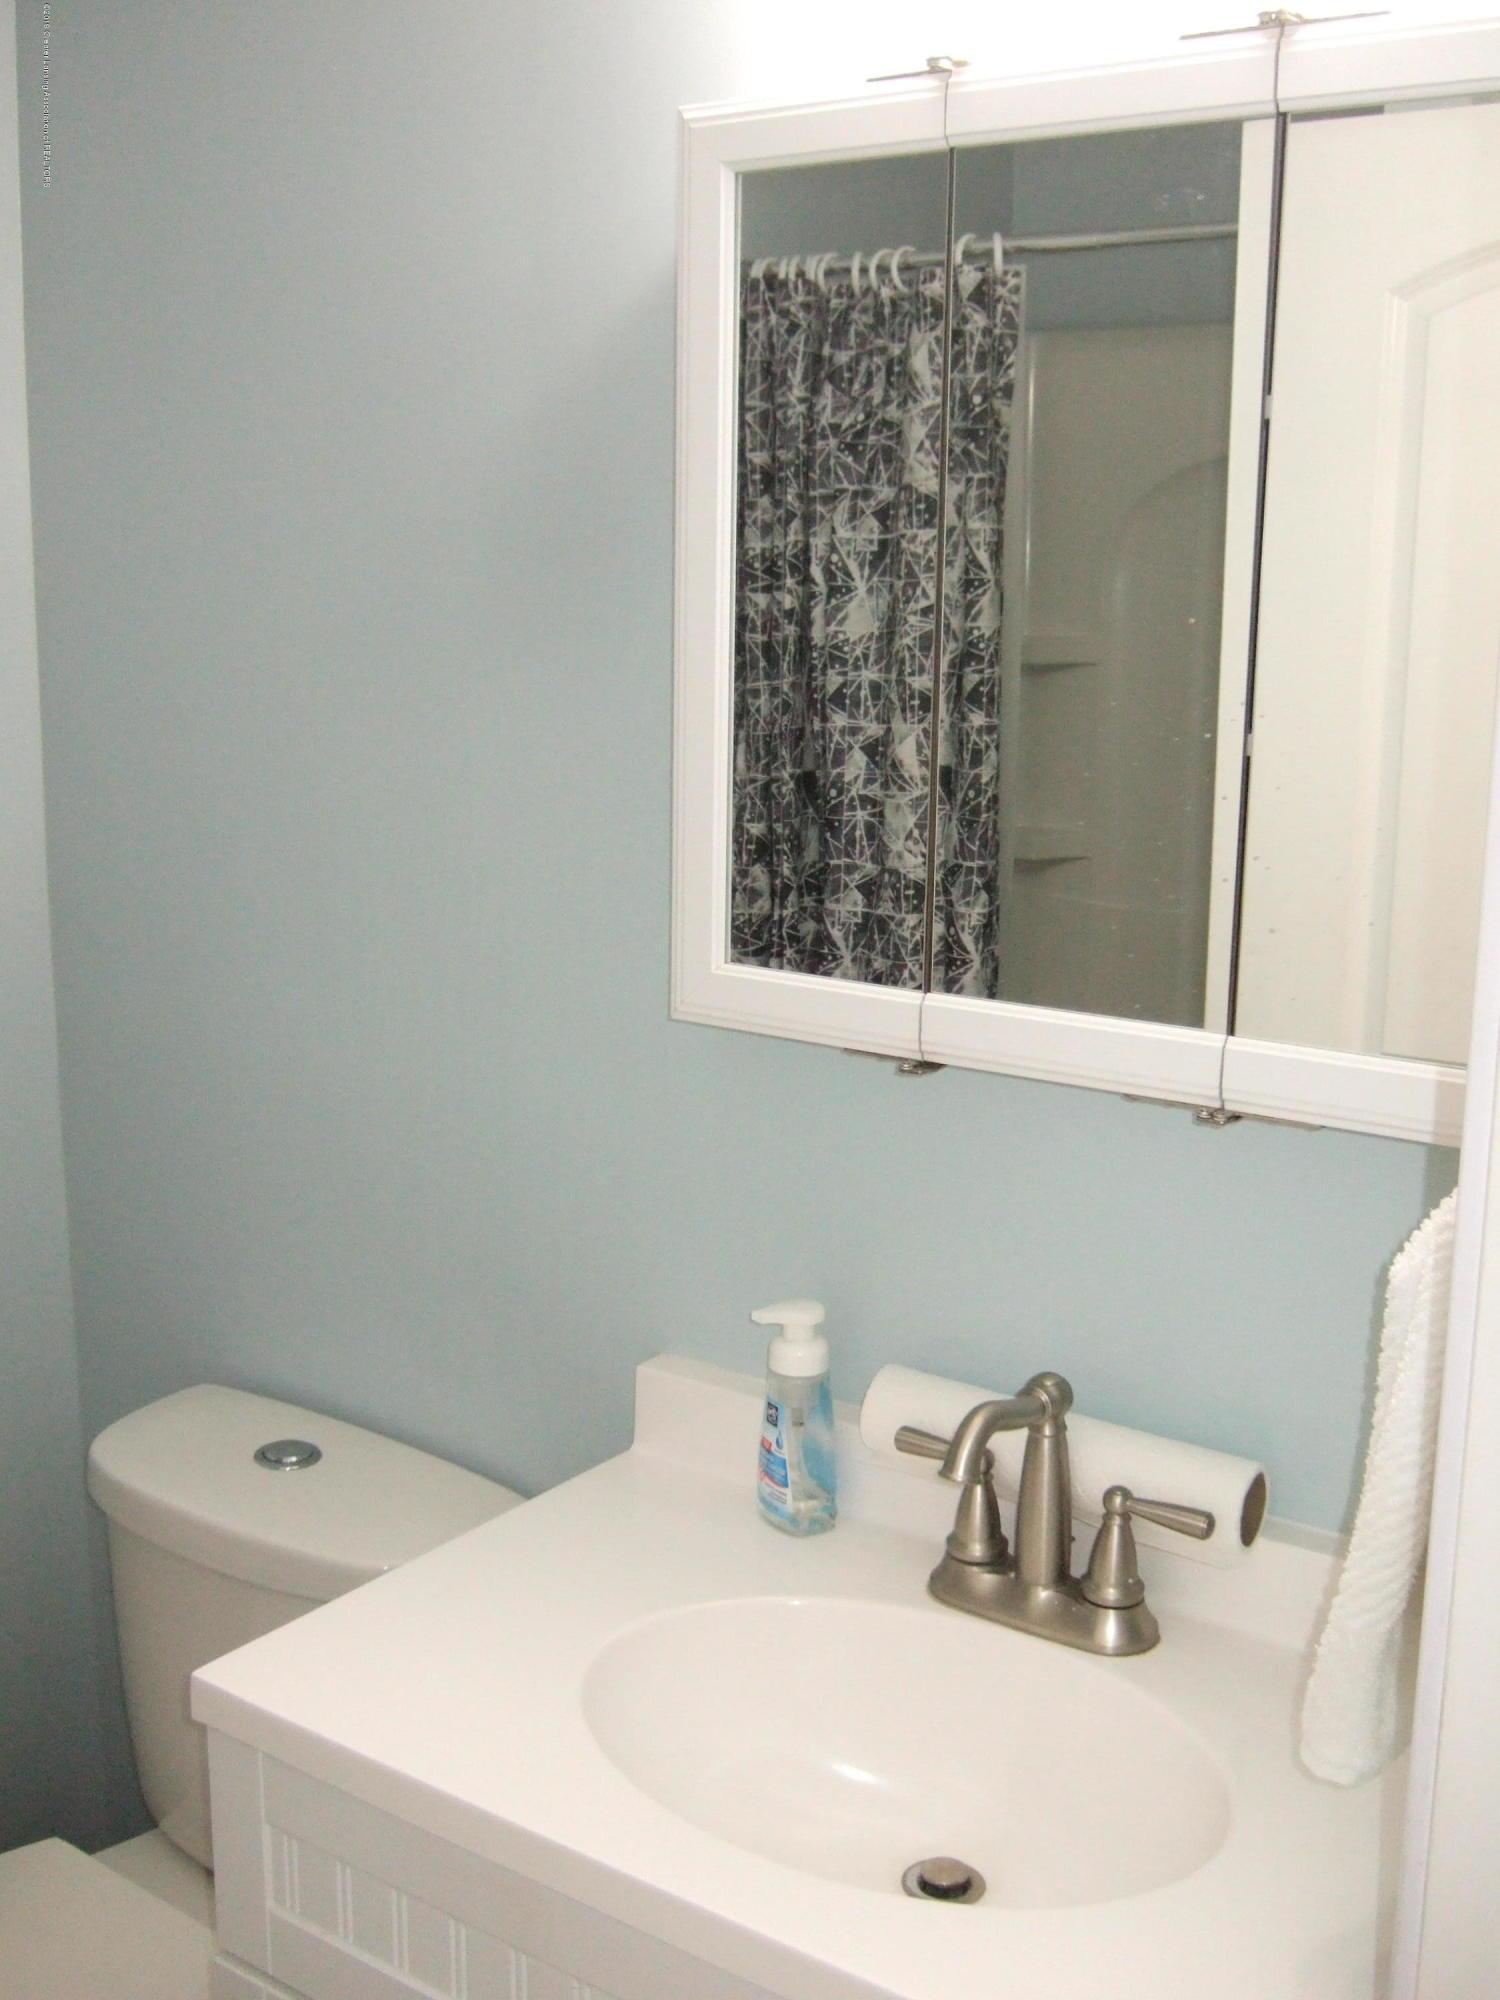 423 W Hillsdale St - 2nd Floor Full Bath - 28